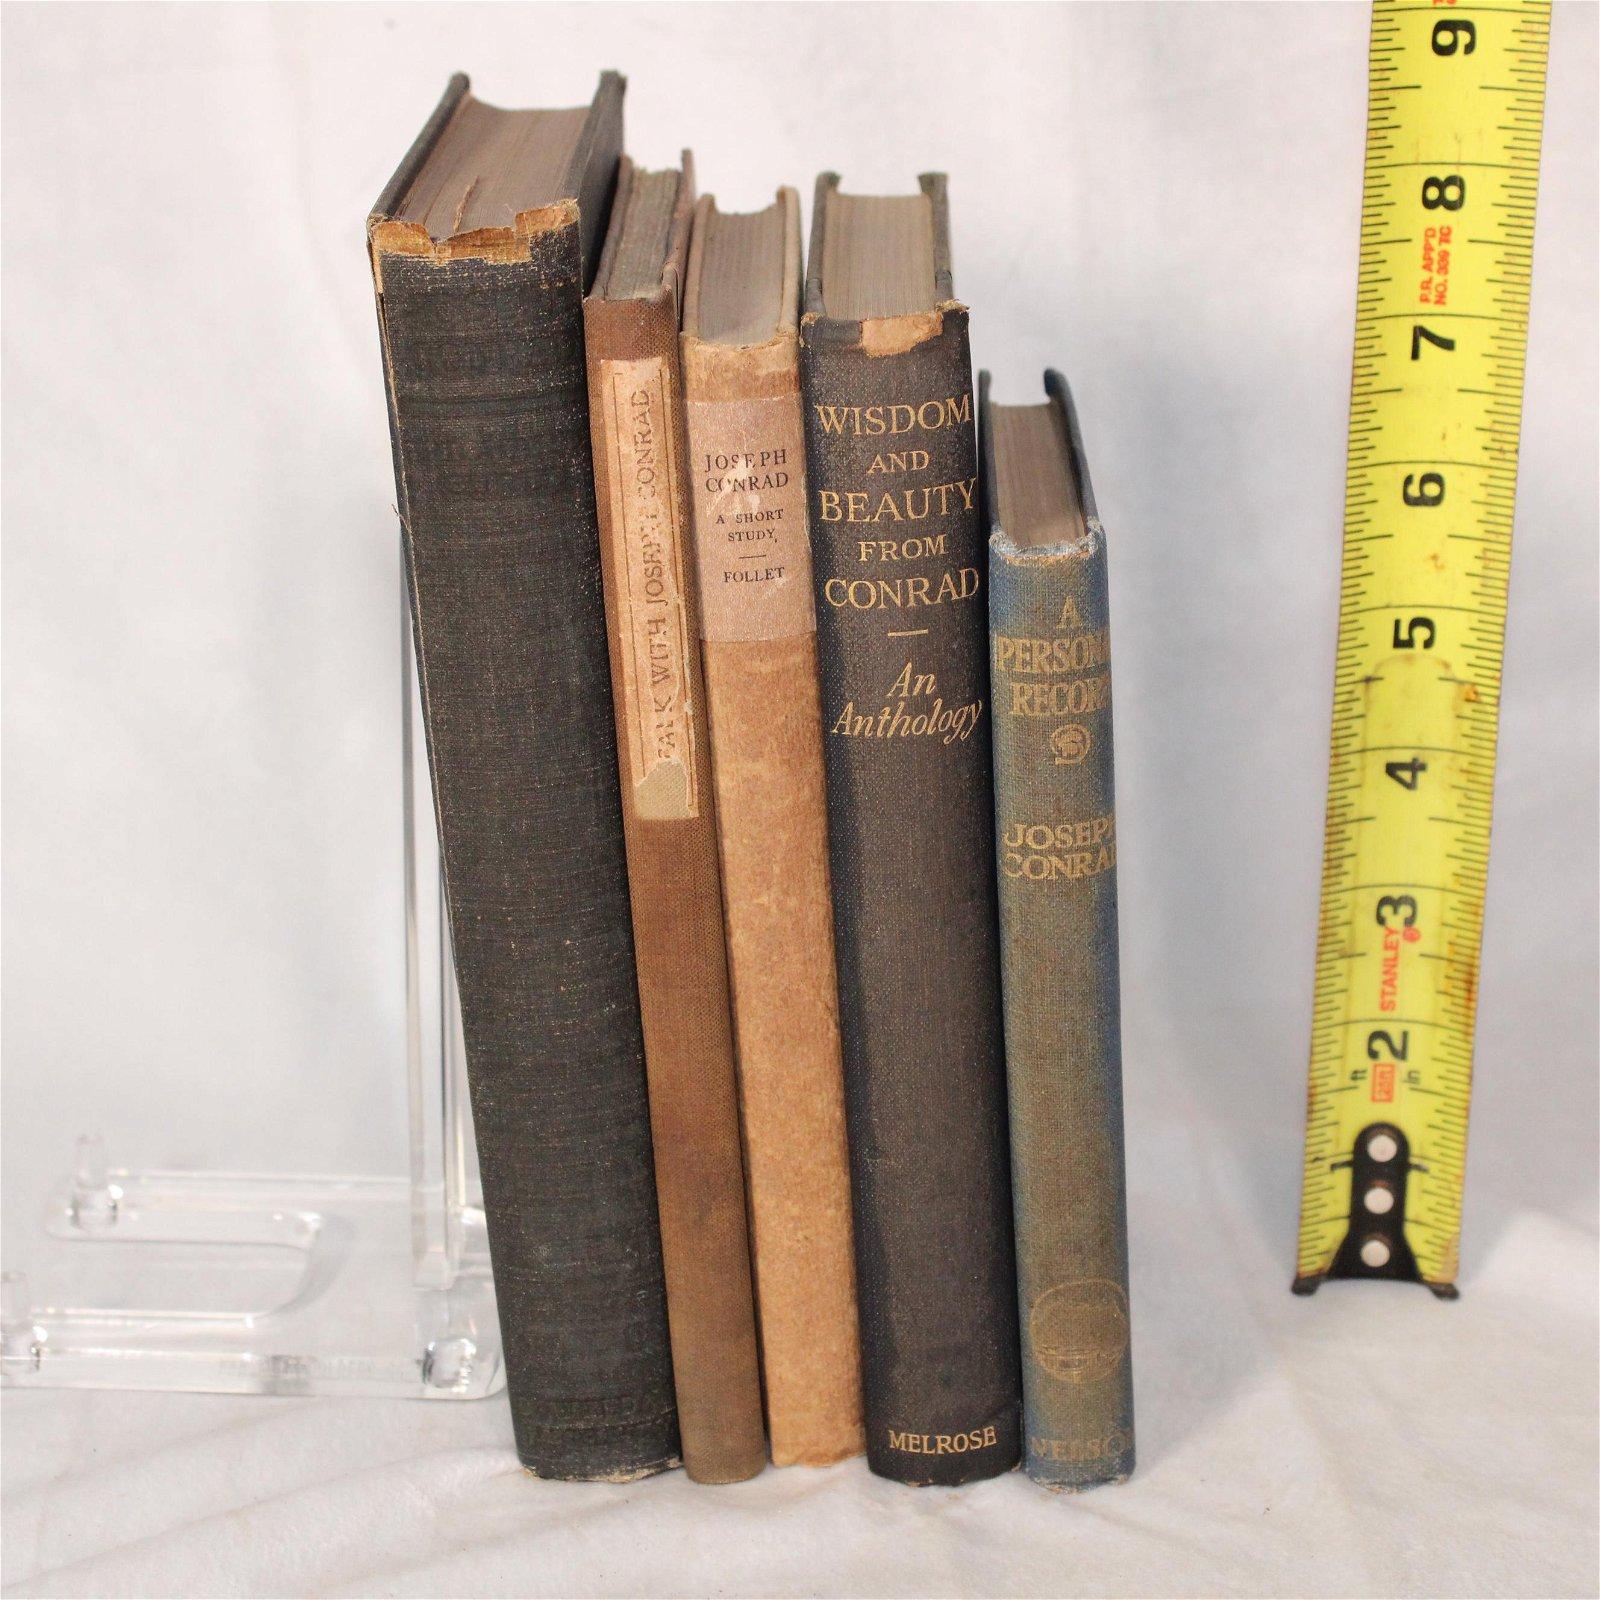 Lot of 5 volumes regarding Joseph Conrad